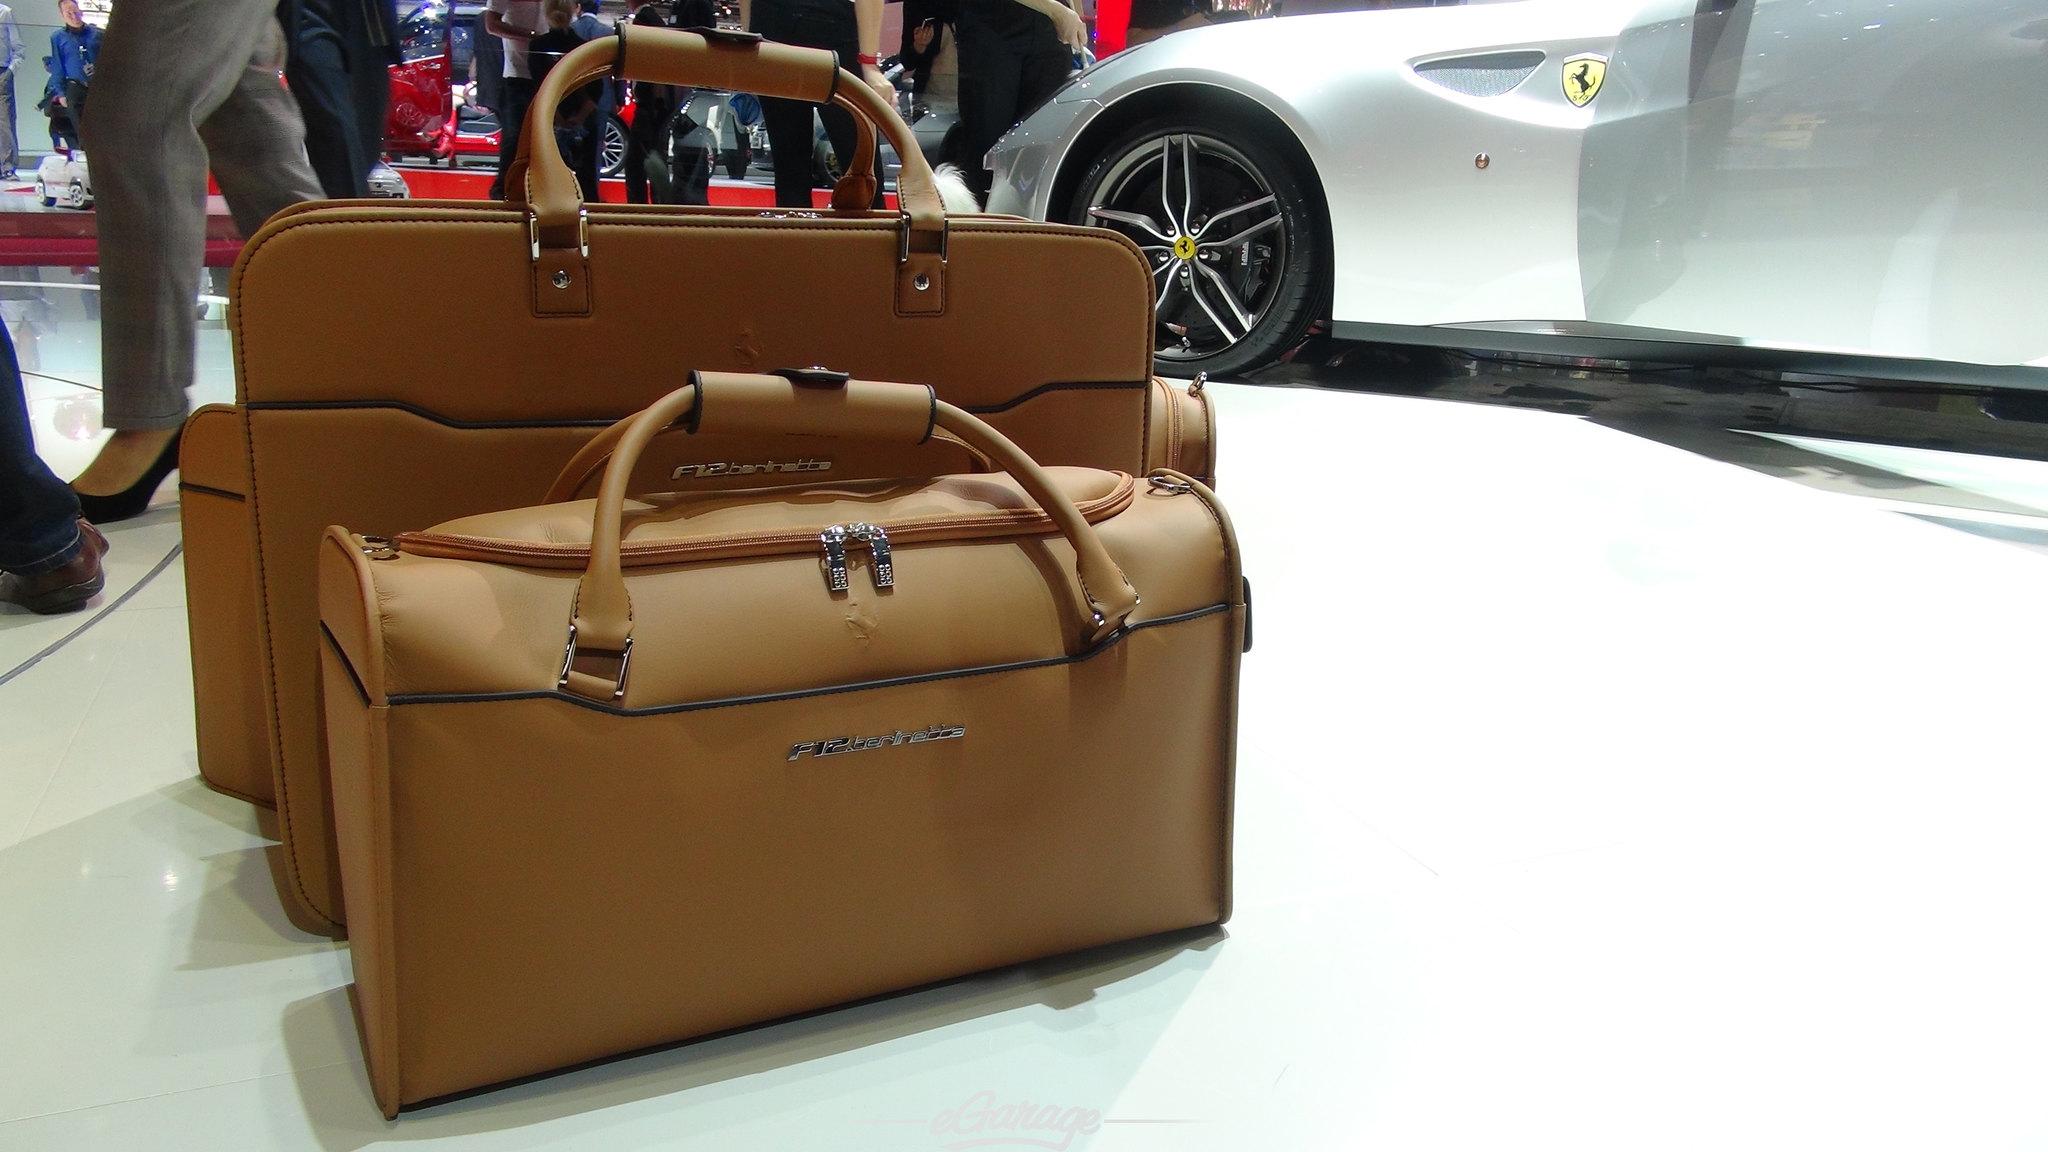 8034745713 ea0a0b0b99 k 2012 Paris Motor Show